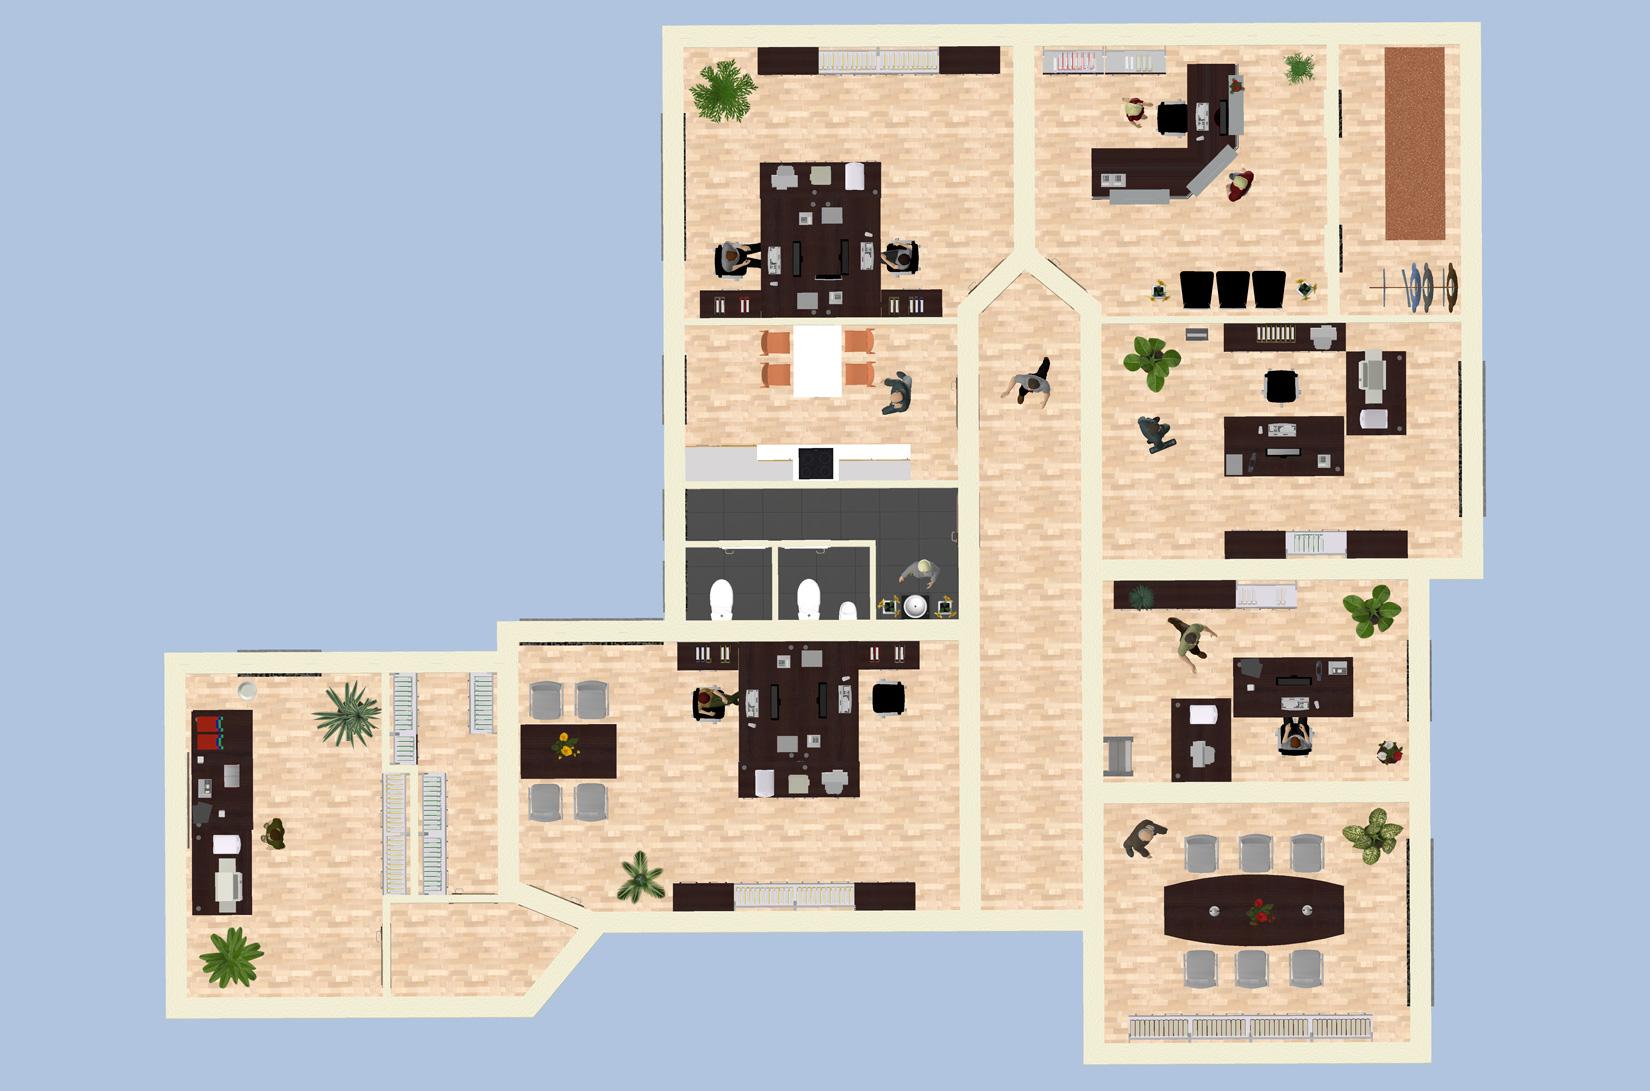 3d wohnungsplaner zur wohnraumplanung architektur software for Software raumplanung kostenlos